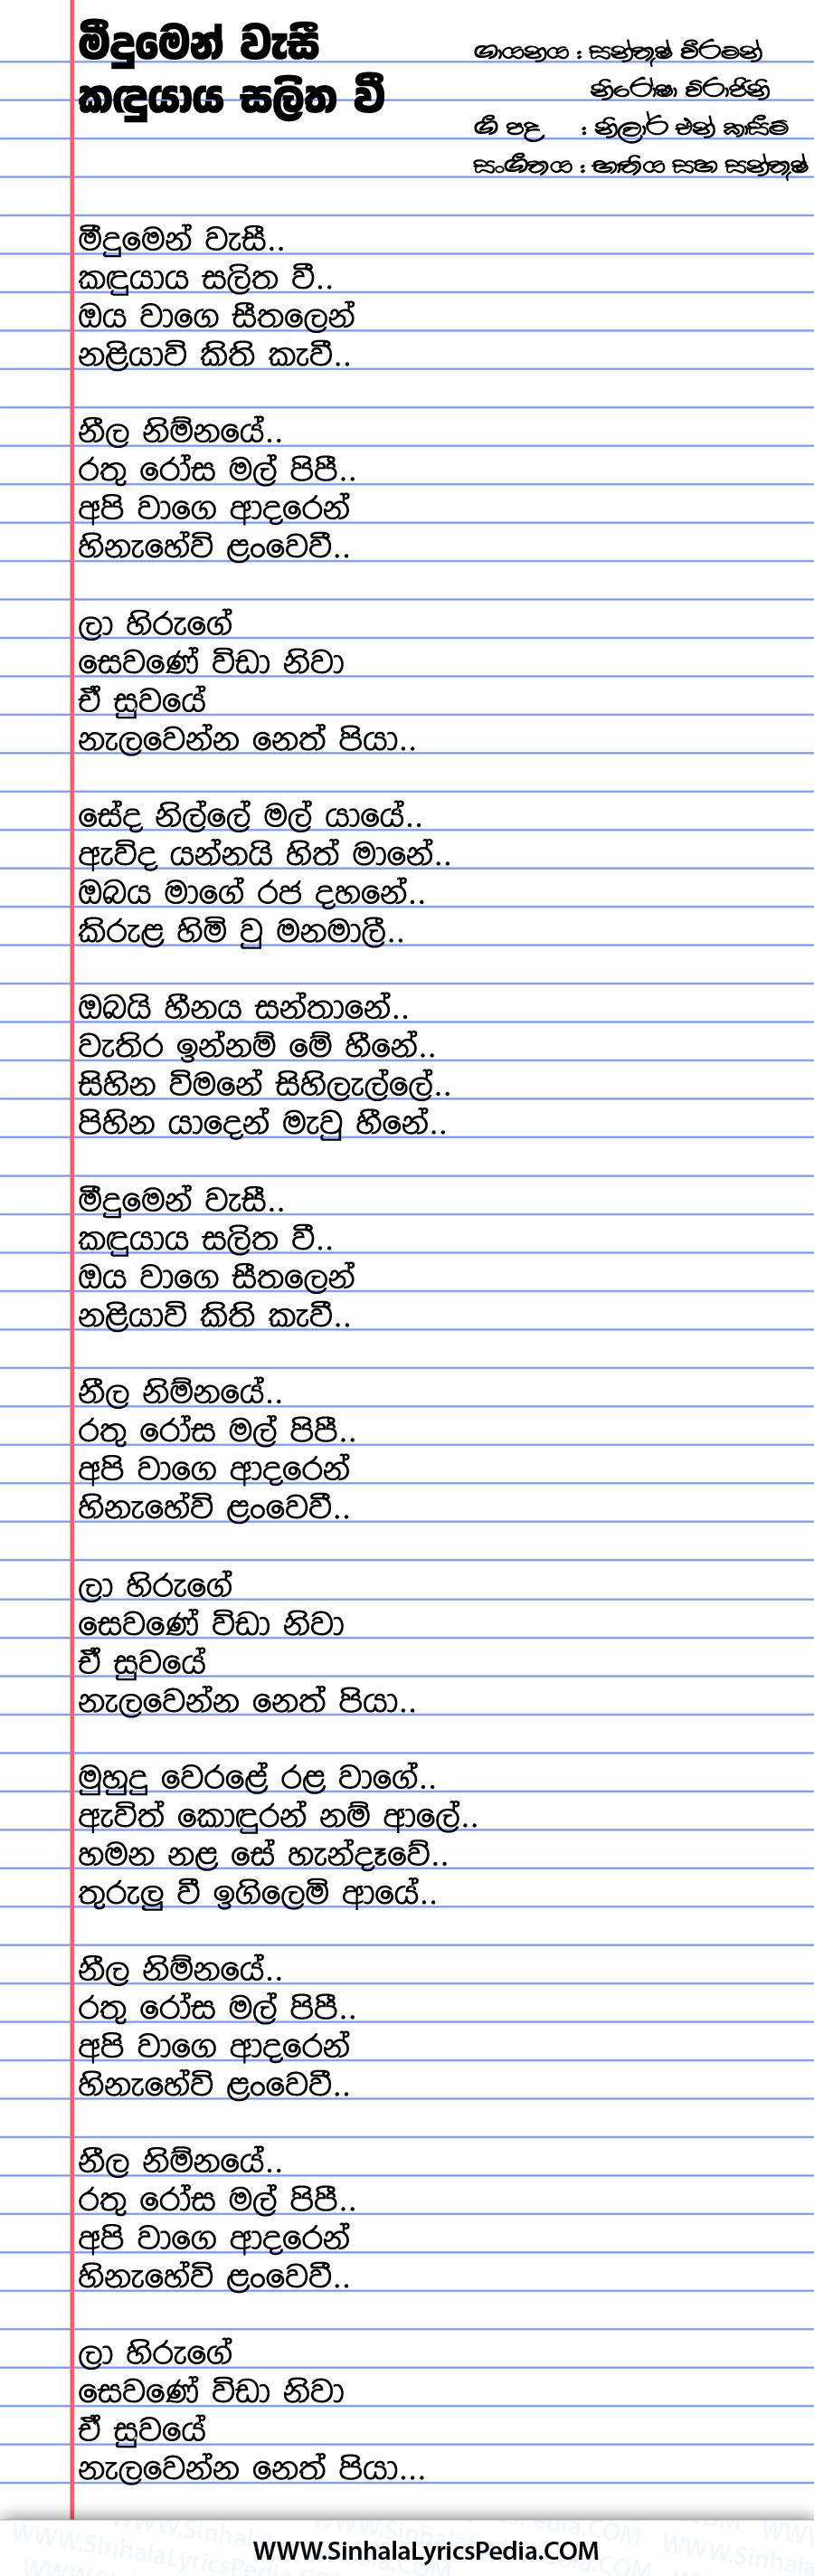 Meedumen Wasi Kandu Yaya Salitha Vee Song Lyrics